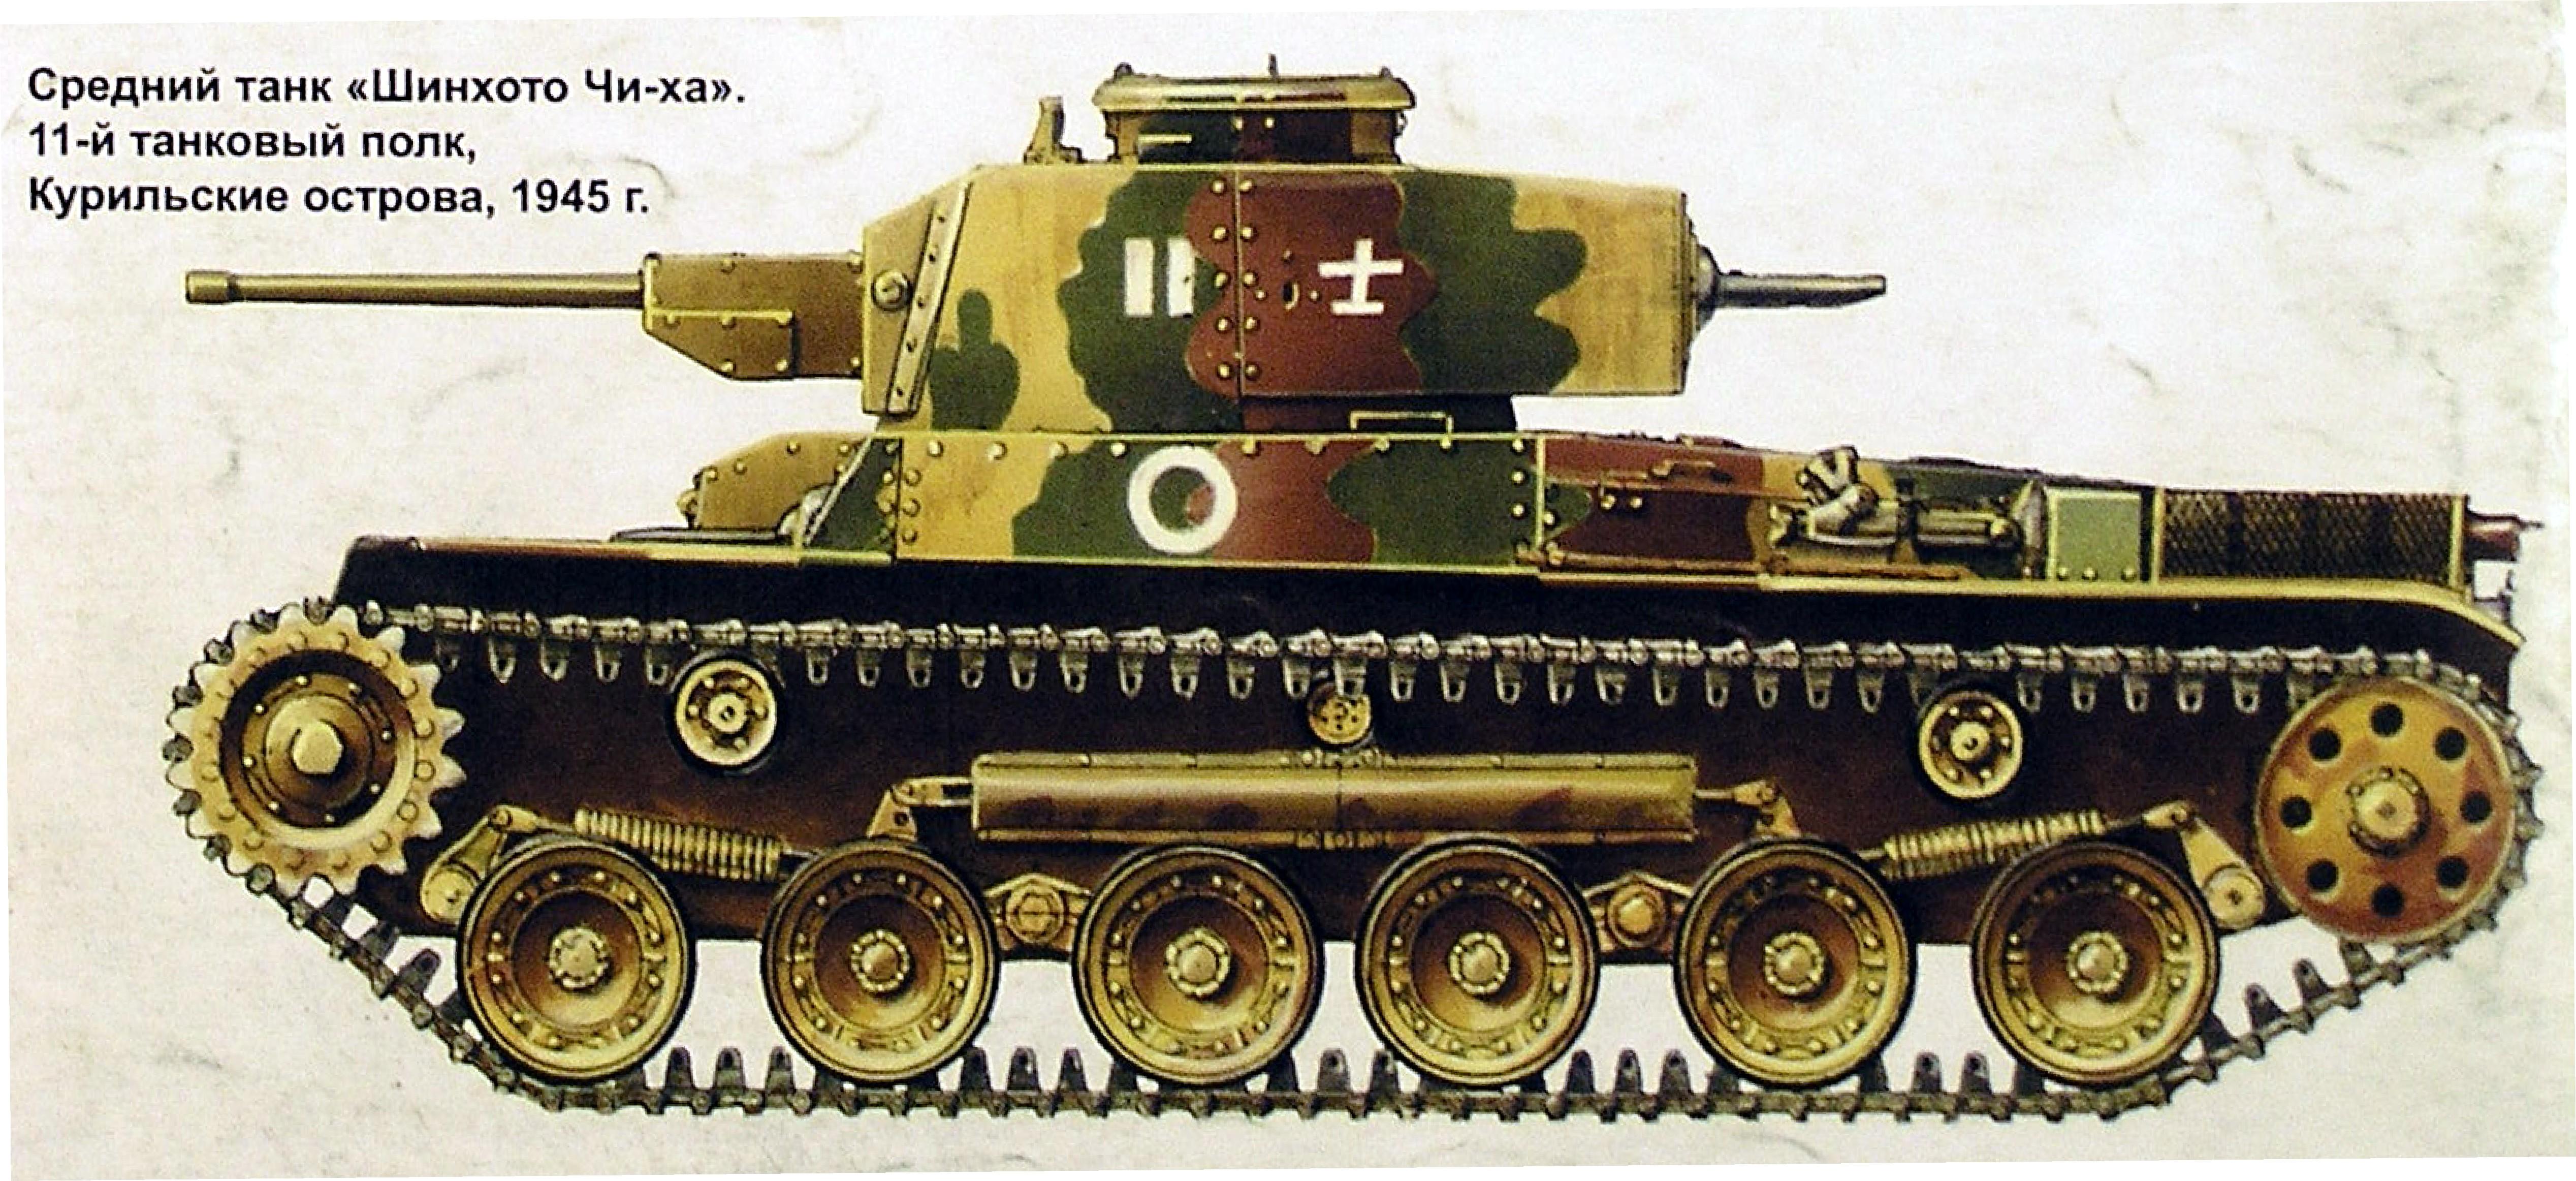 Chi-Ha 11 tank regiment